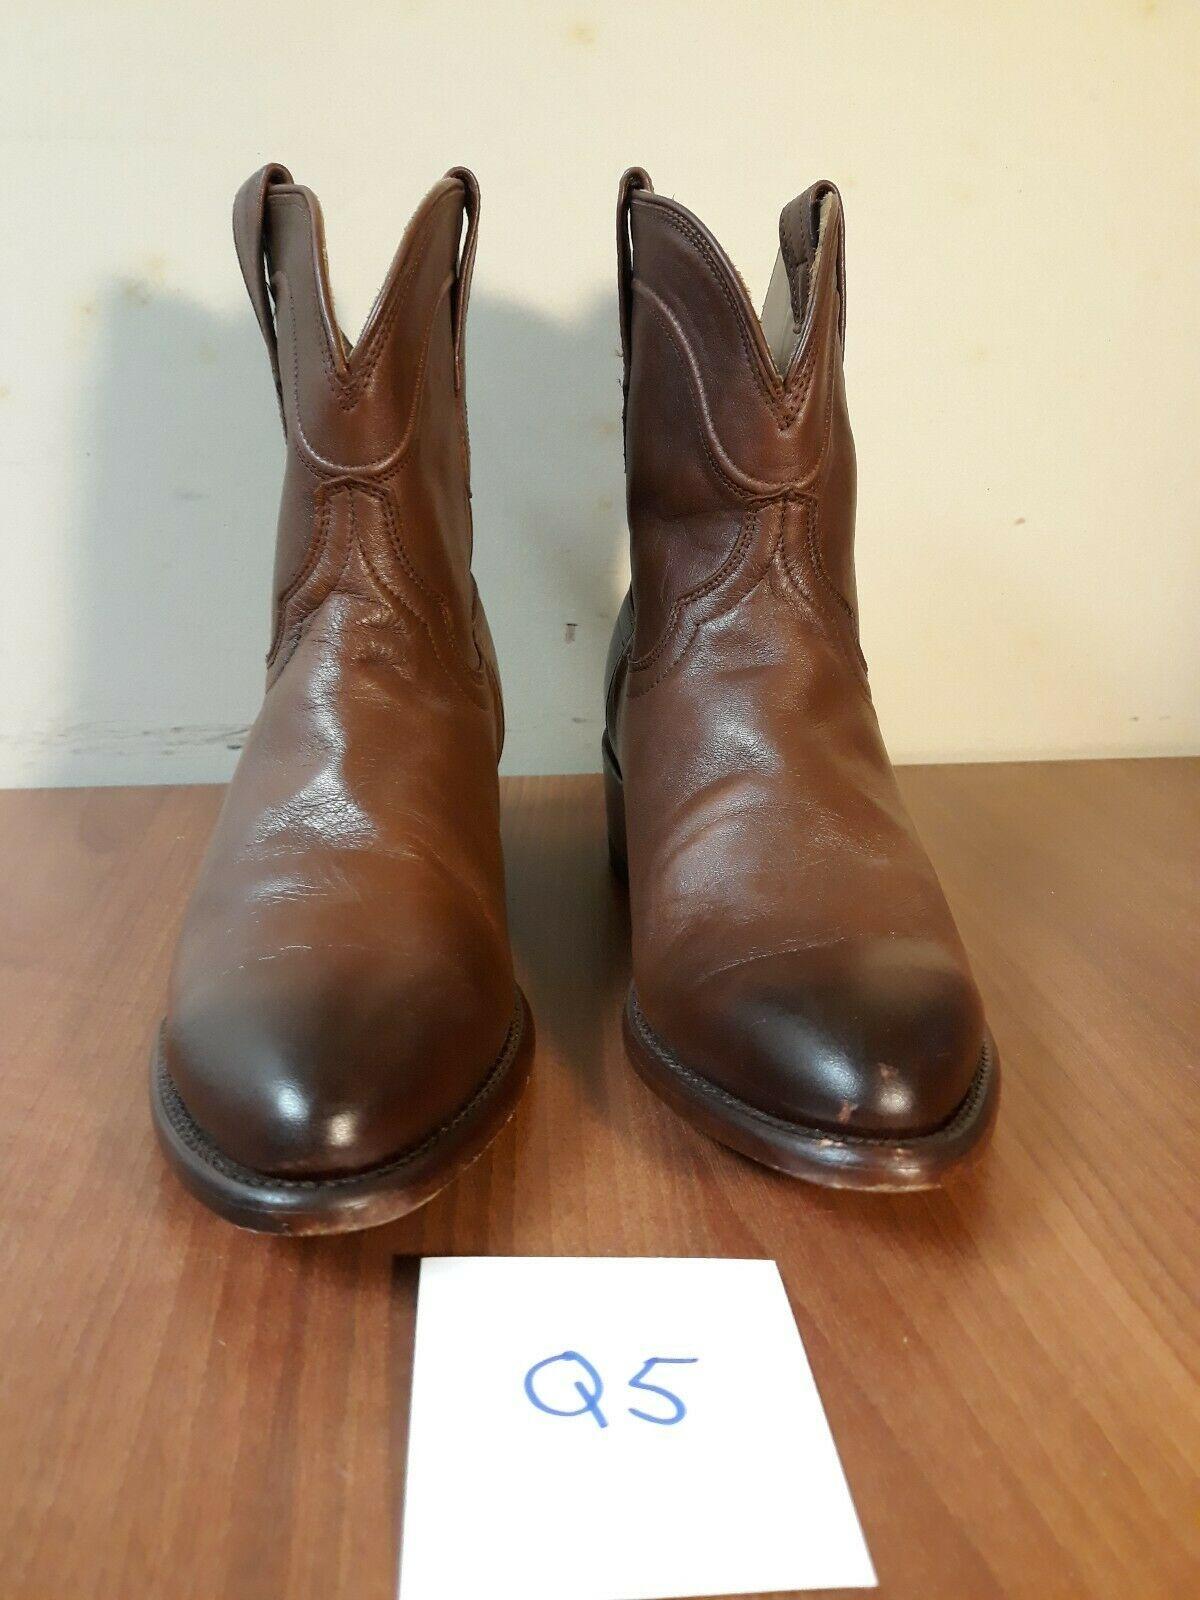 Tecovas boots, Ostrich boots